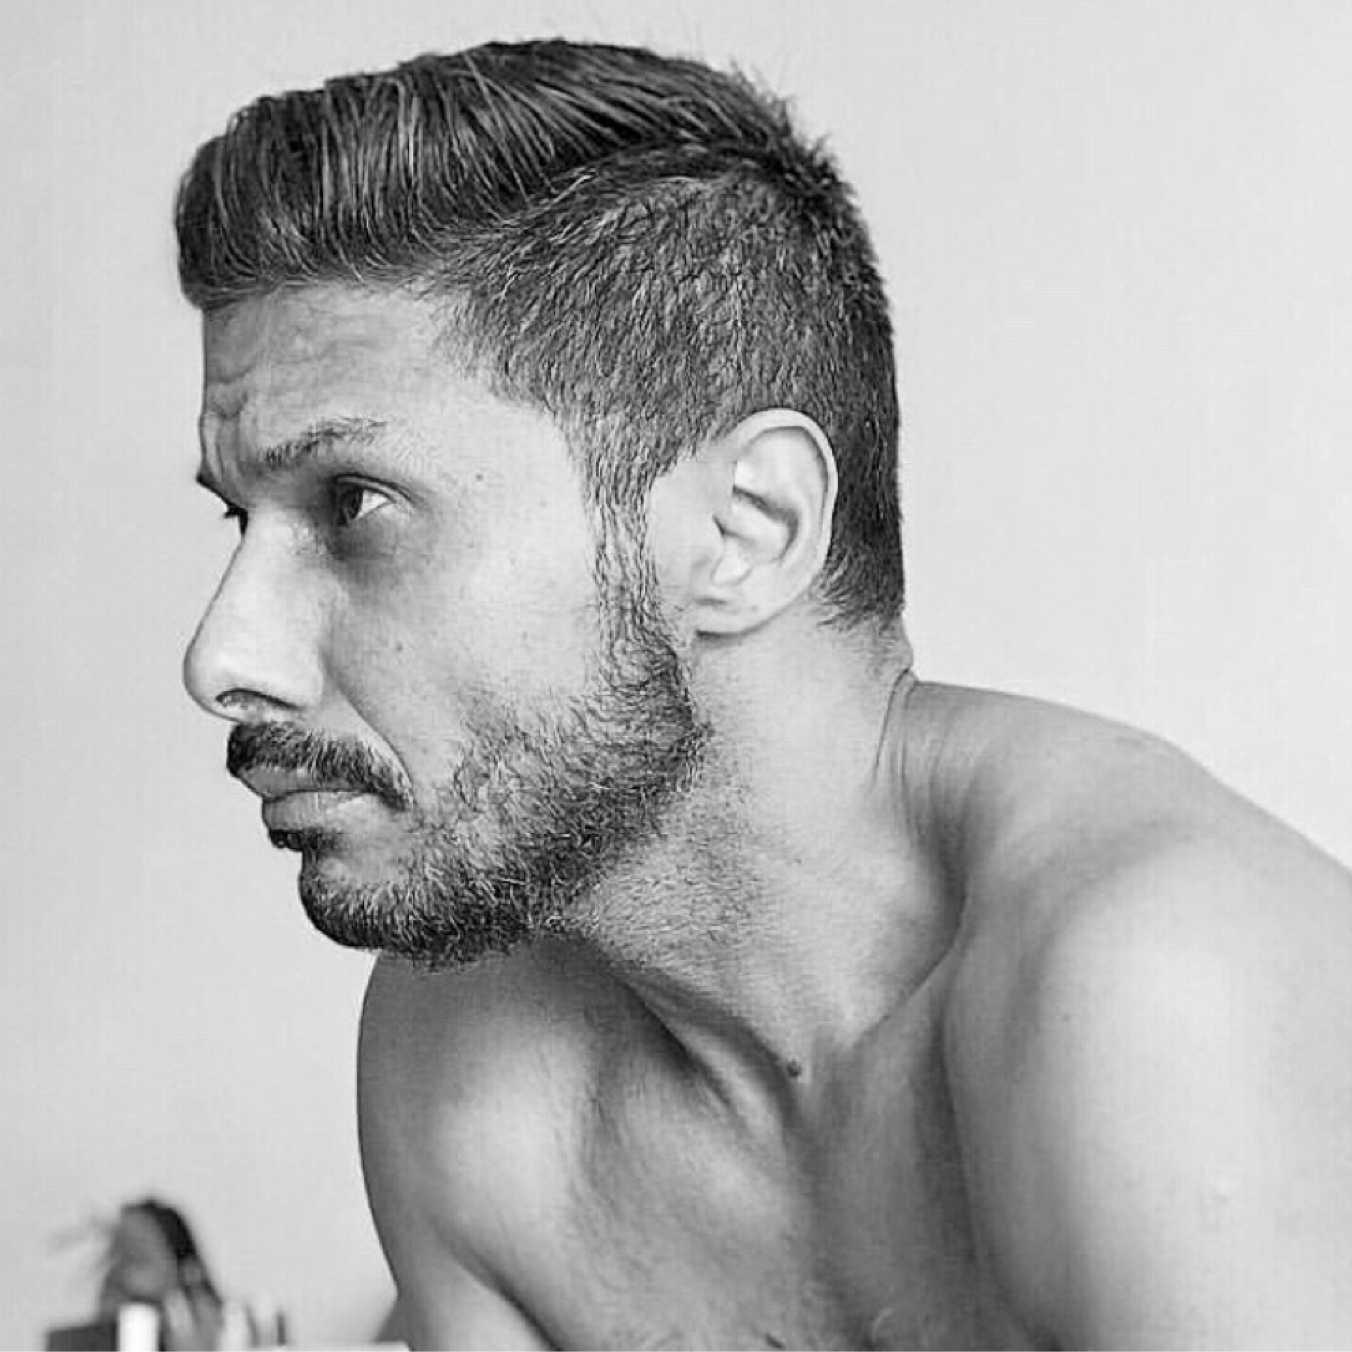 Alessandro Fernandes